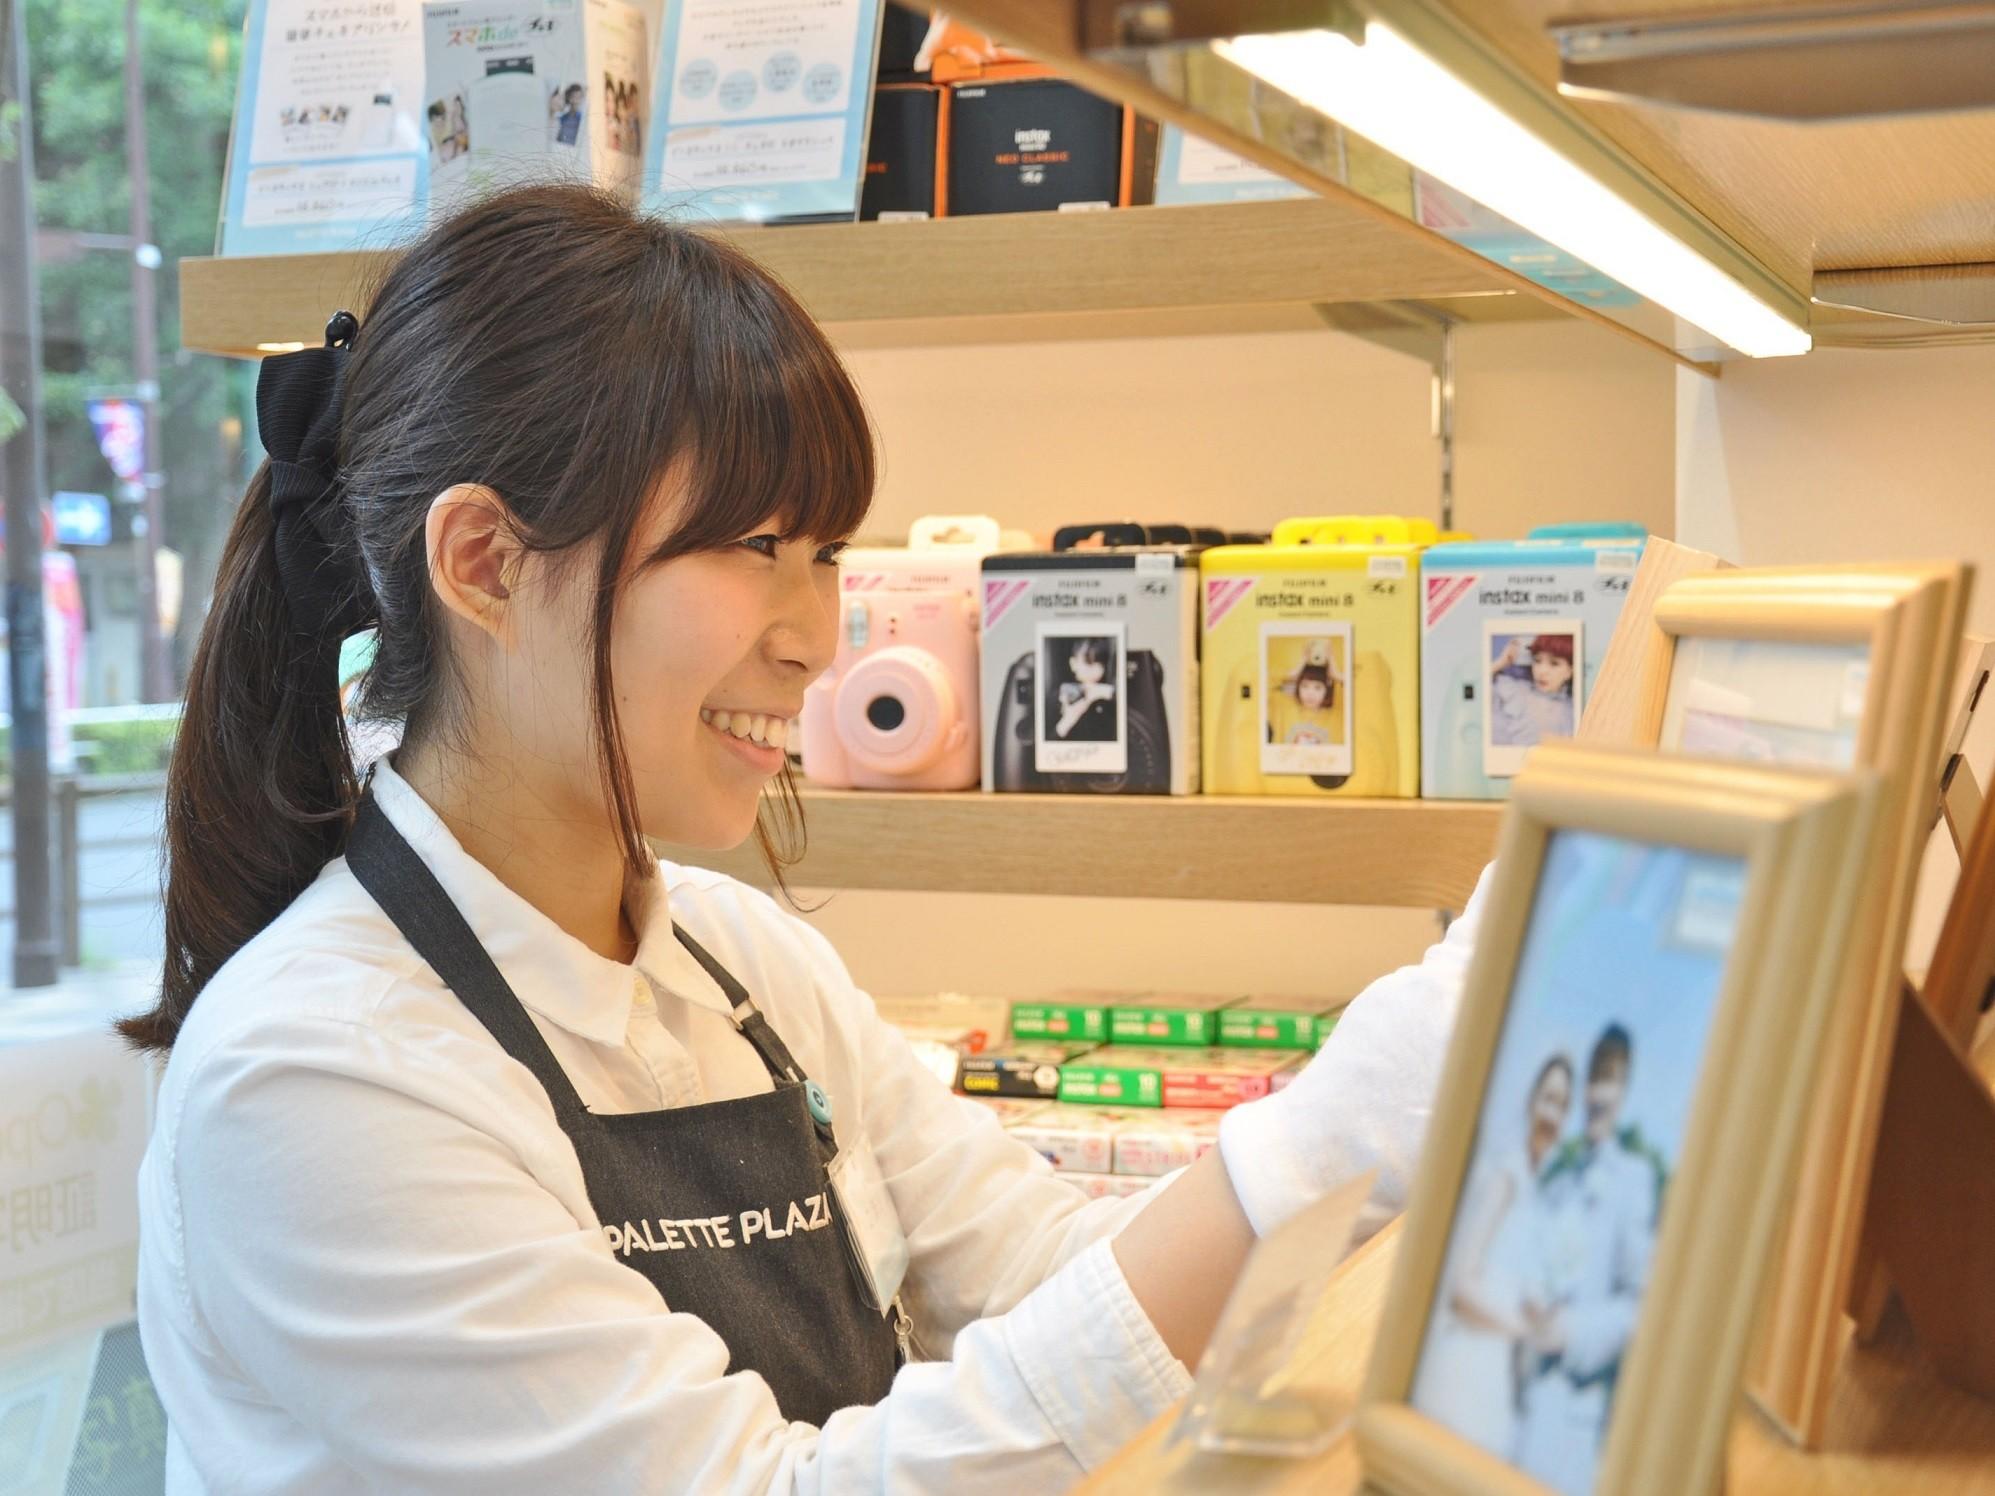 パレットプラザ 高円寺純情通店 のアルバイト情報